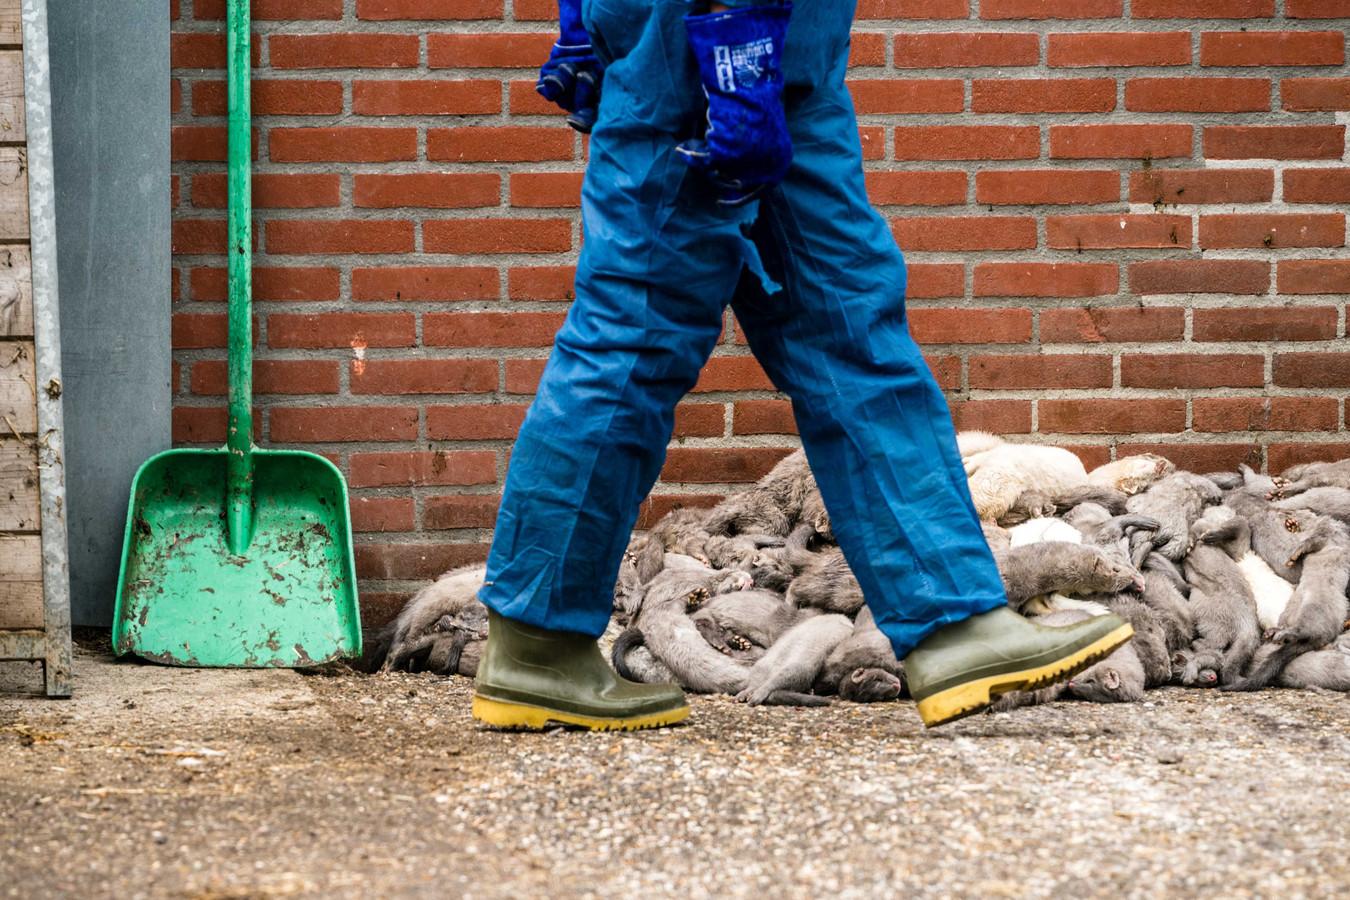 Medewerkers van de NVWA zijn bezig met het ruimen van nertsen. Foto ter illustratie.